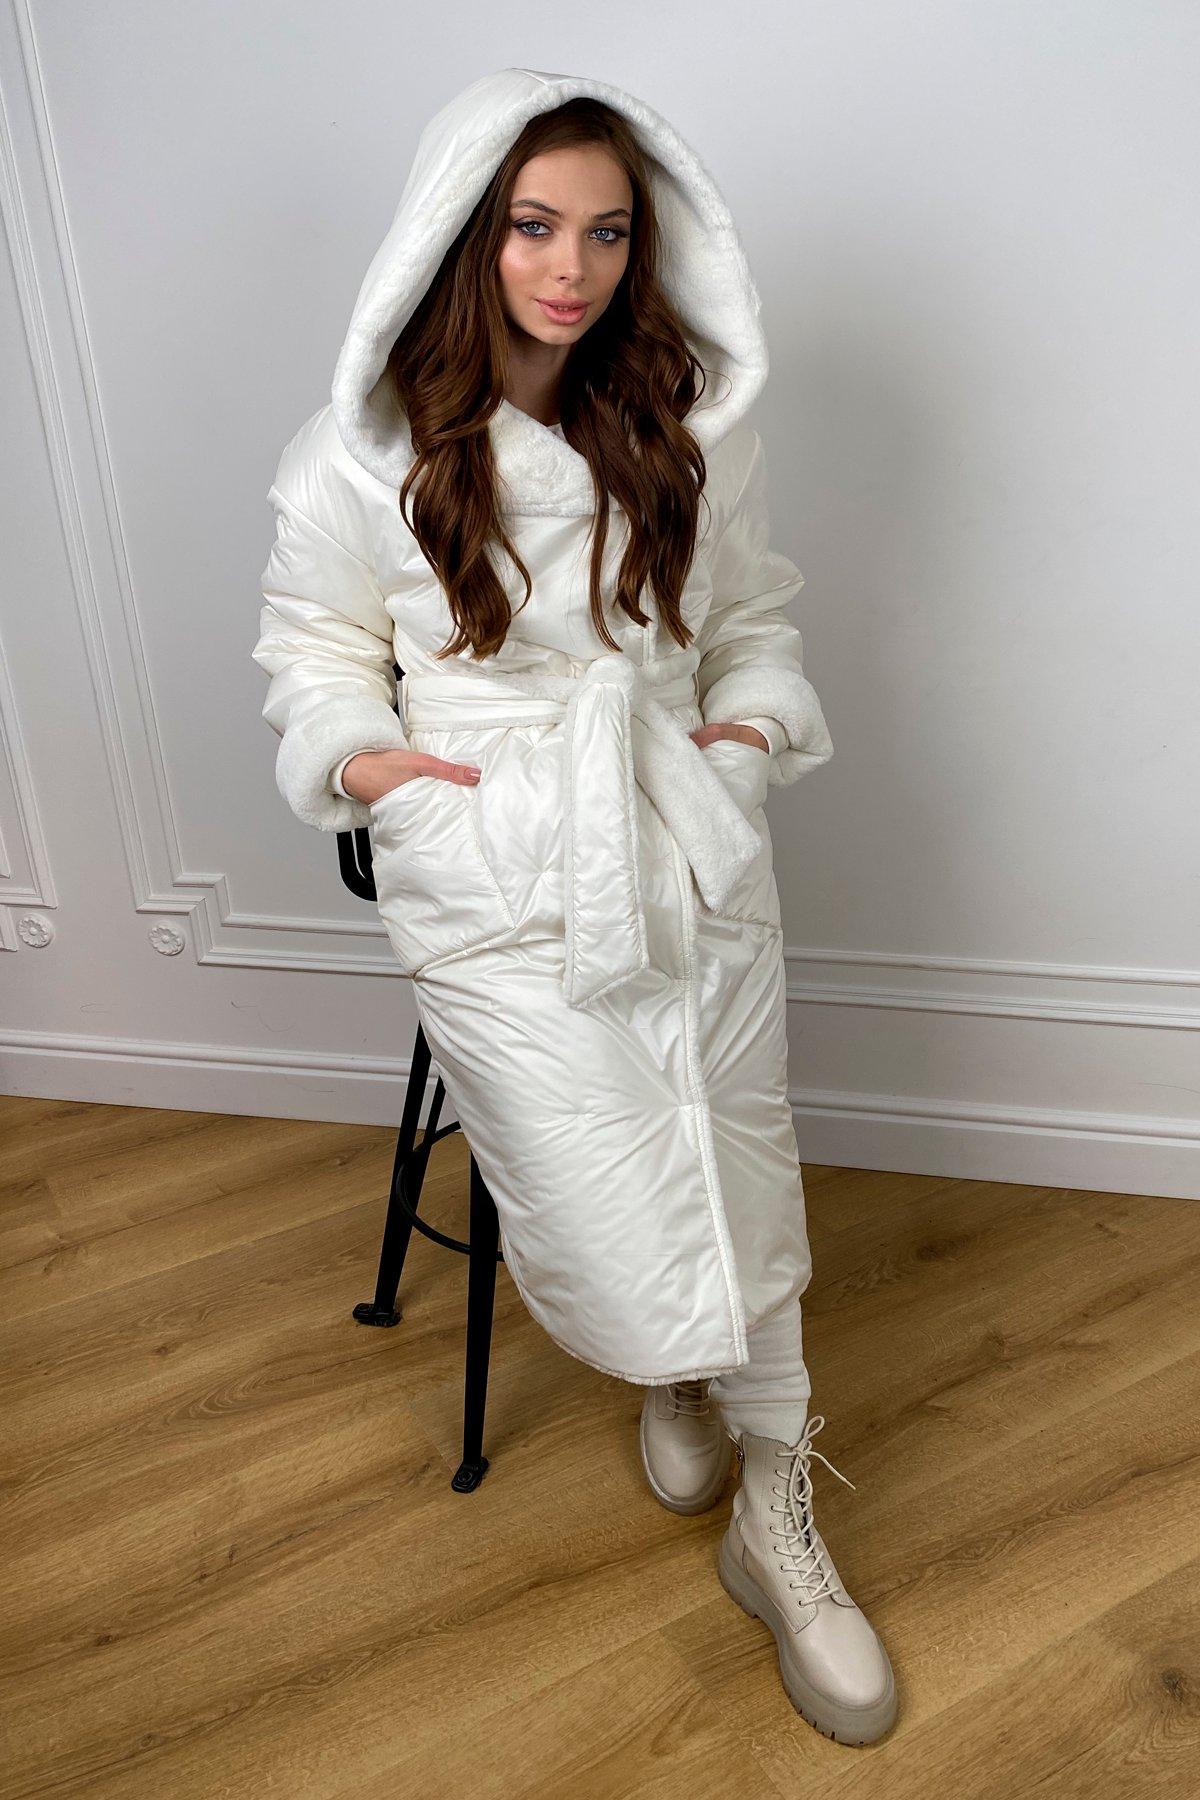 Сноу  теплое двухстороннее пальто из  еко меха и плотной  плащевки 10344 АРТ. 46645 Цвет: Молоко - фото 5, интернет магазин tm-modus.ru